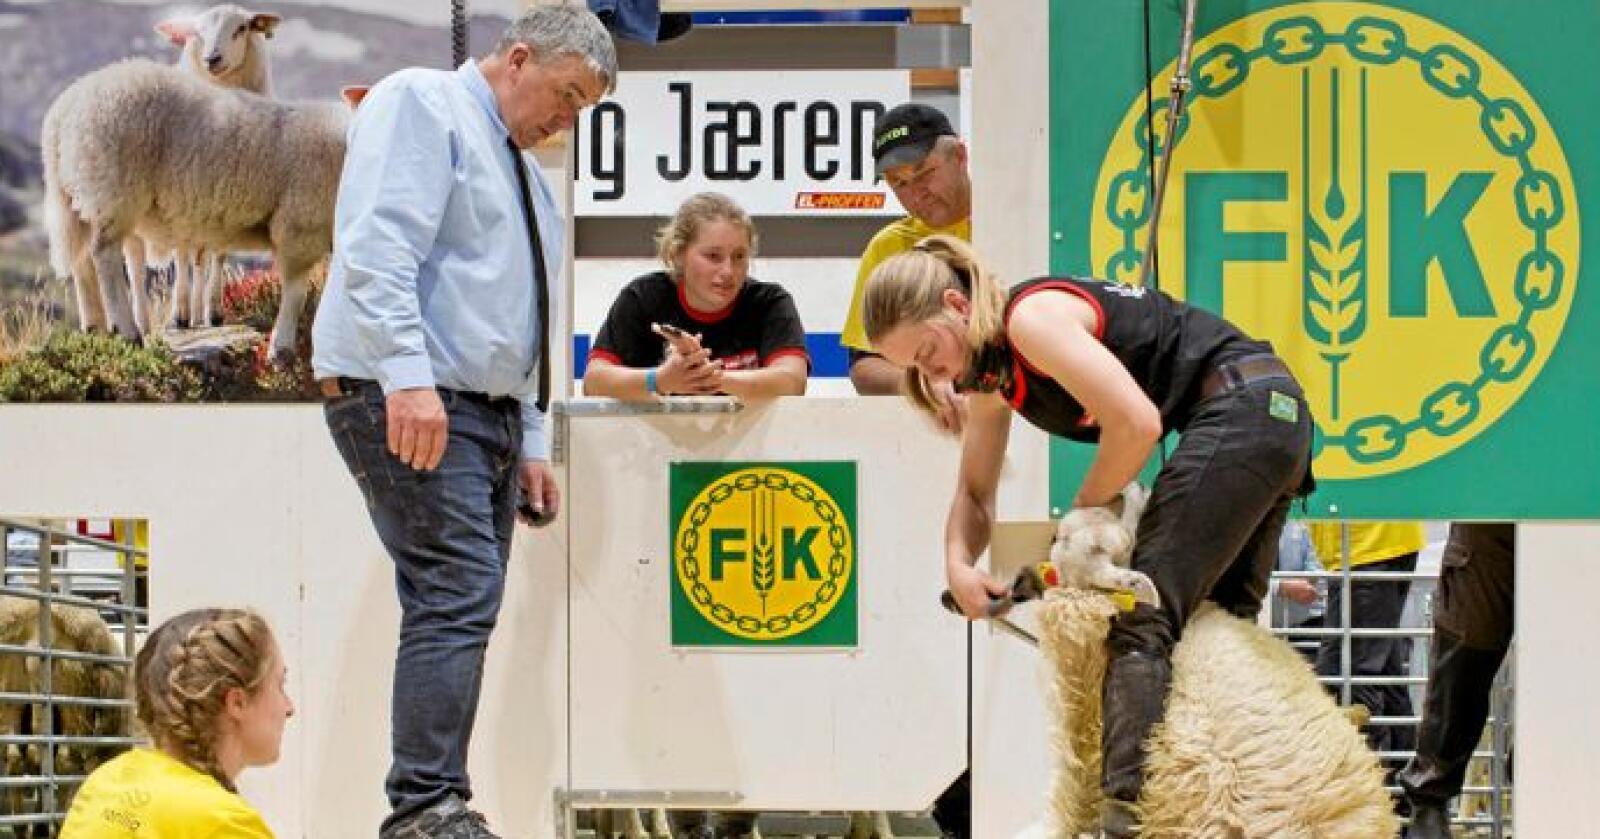 Inga Lill i aksjon i seniorfinalen. Søsteren Ruth Jane hjelper tilmed å få sauene inn og følger nøye med på klippingen sammen med dommere og ullhåndterer. Foto: Solfrid Sande